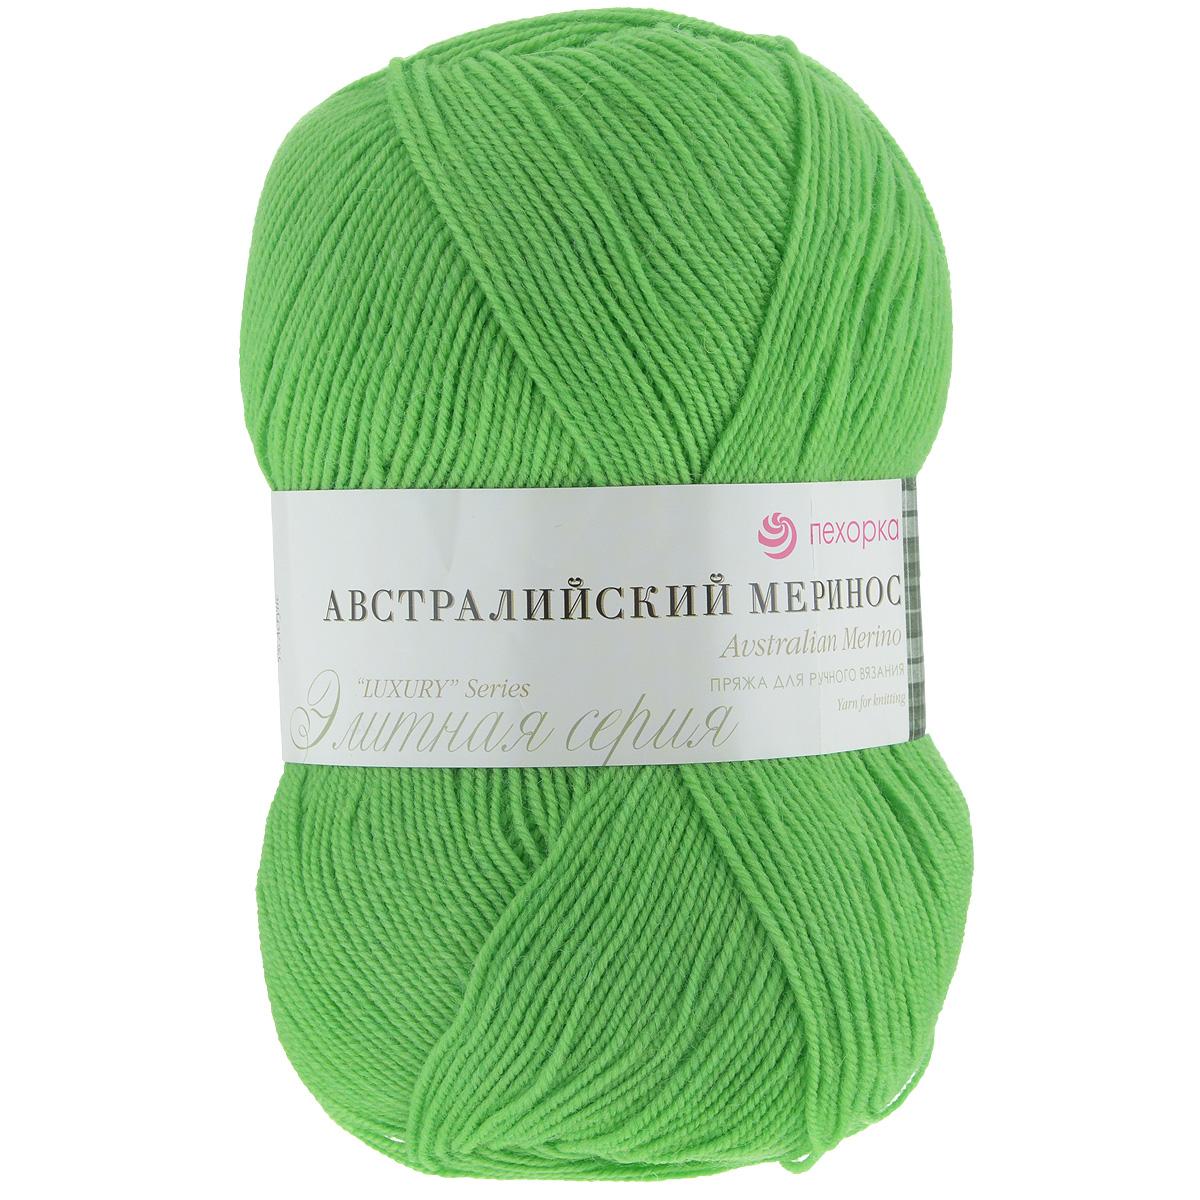 пряжа для вязания пехорка австралийский меринос цвет экзотика